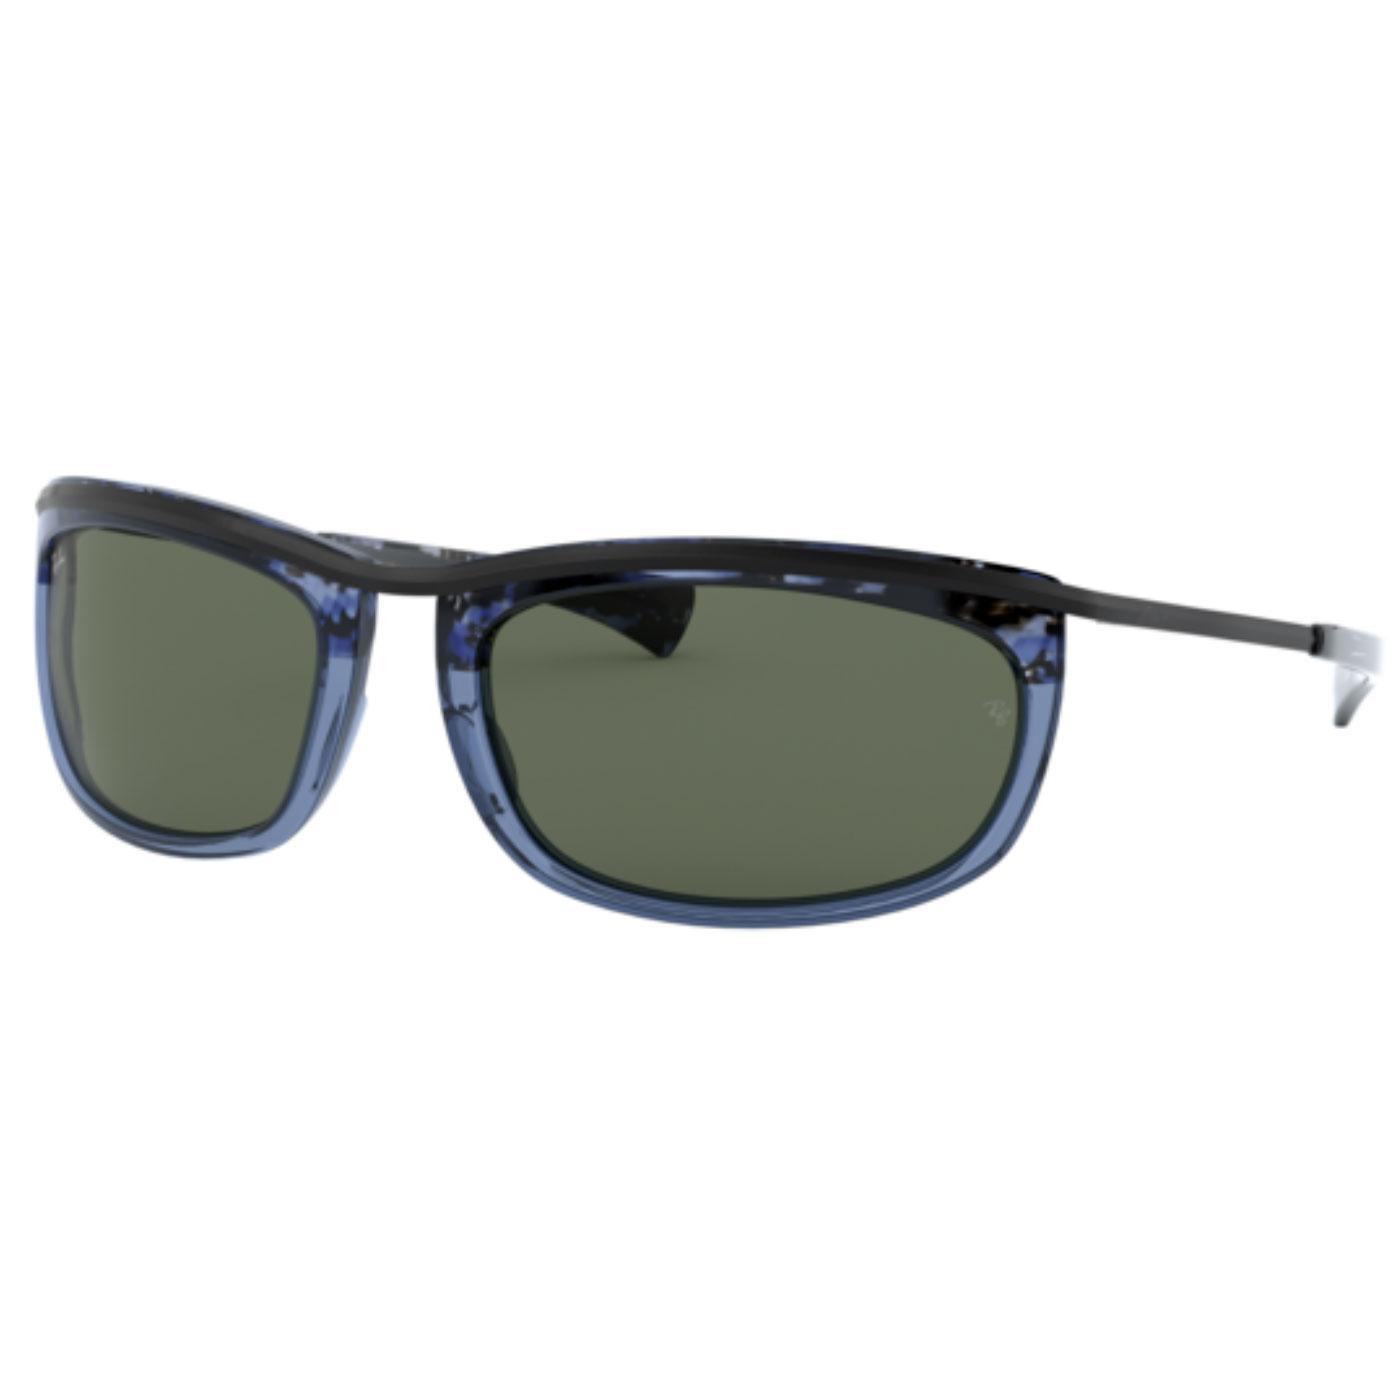 Olympian I RAY-BAN Retro Sunglasses (Blue Havana)